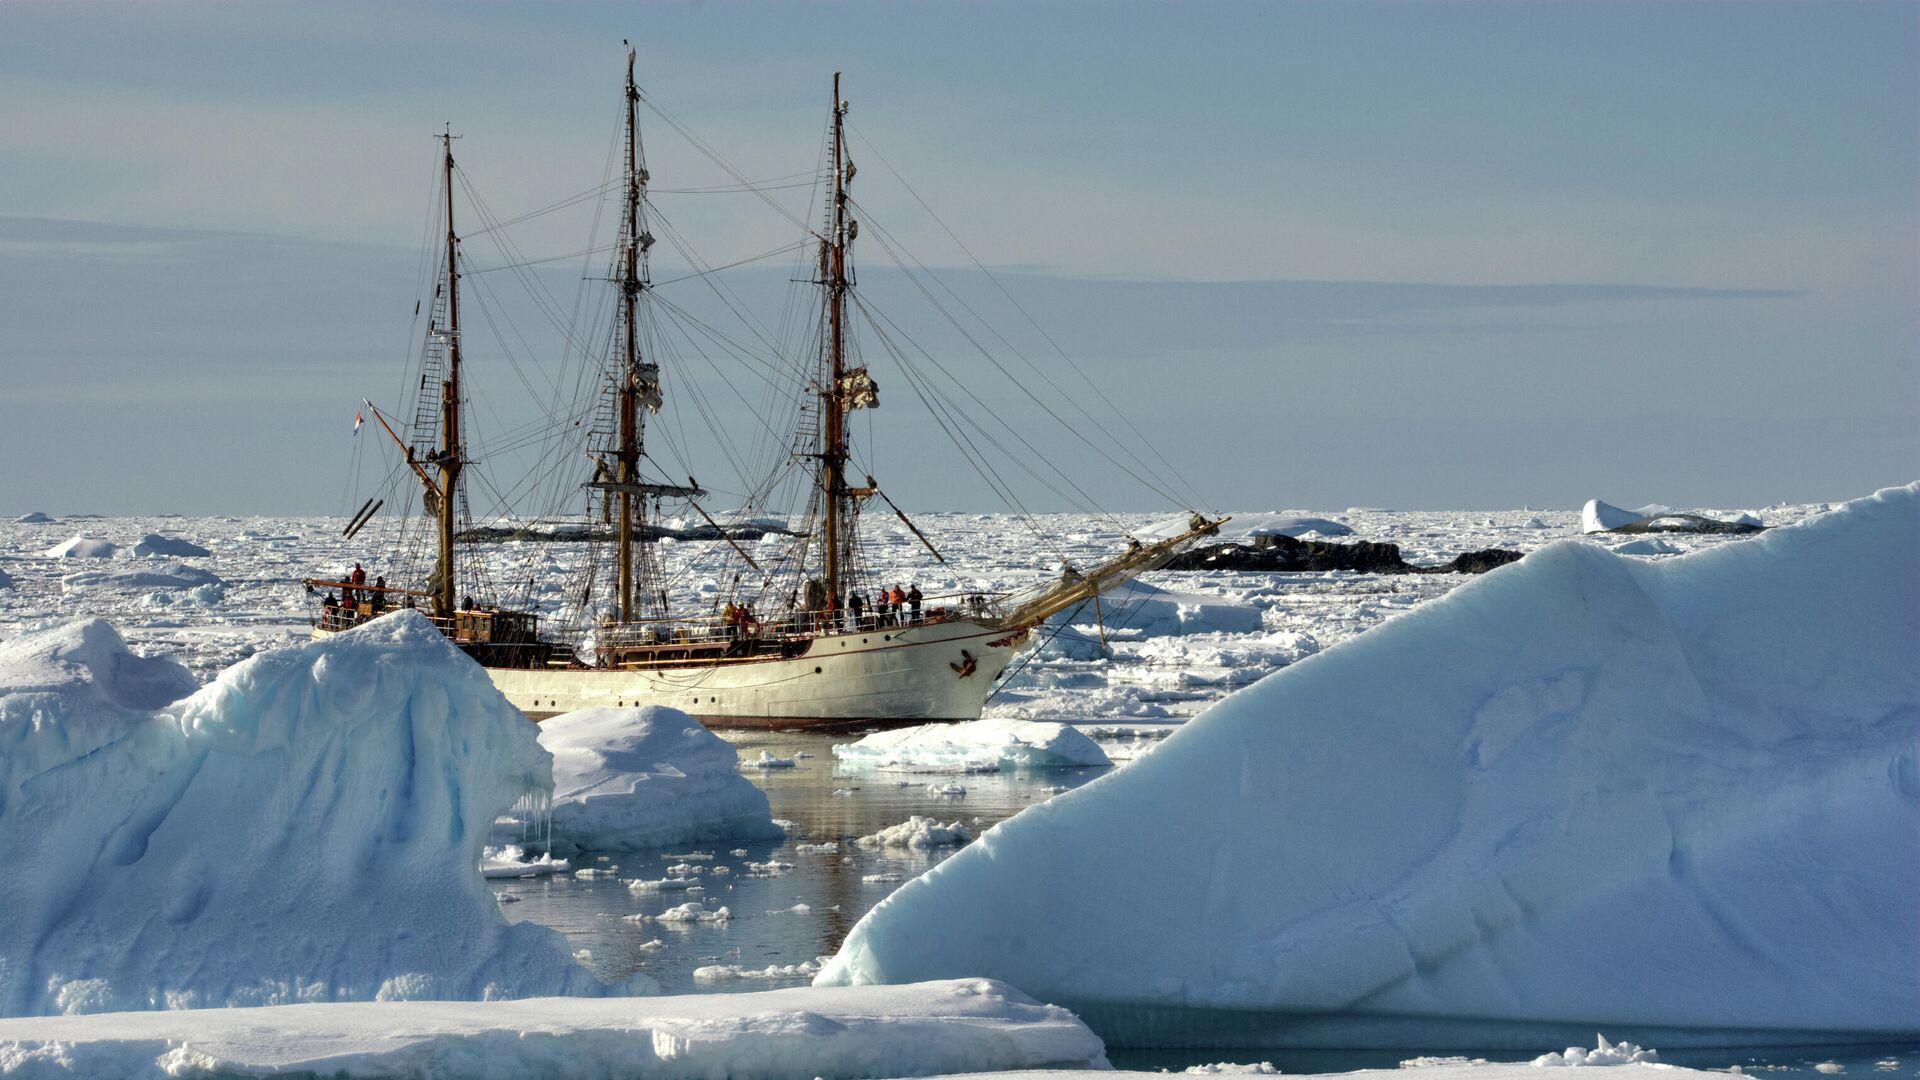 Тайна пропавшей экспедиции Франклина. Подробности раскрыли спустя 176 лет